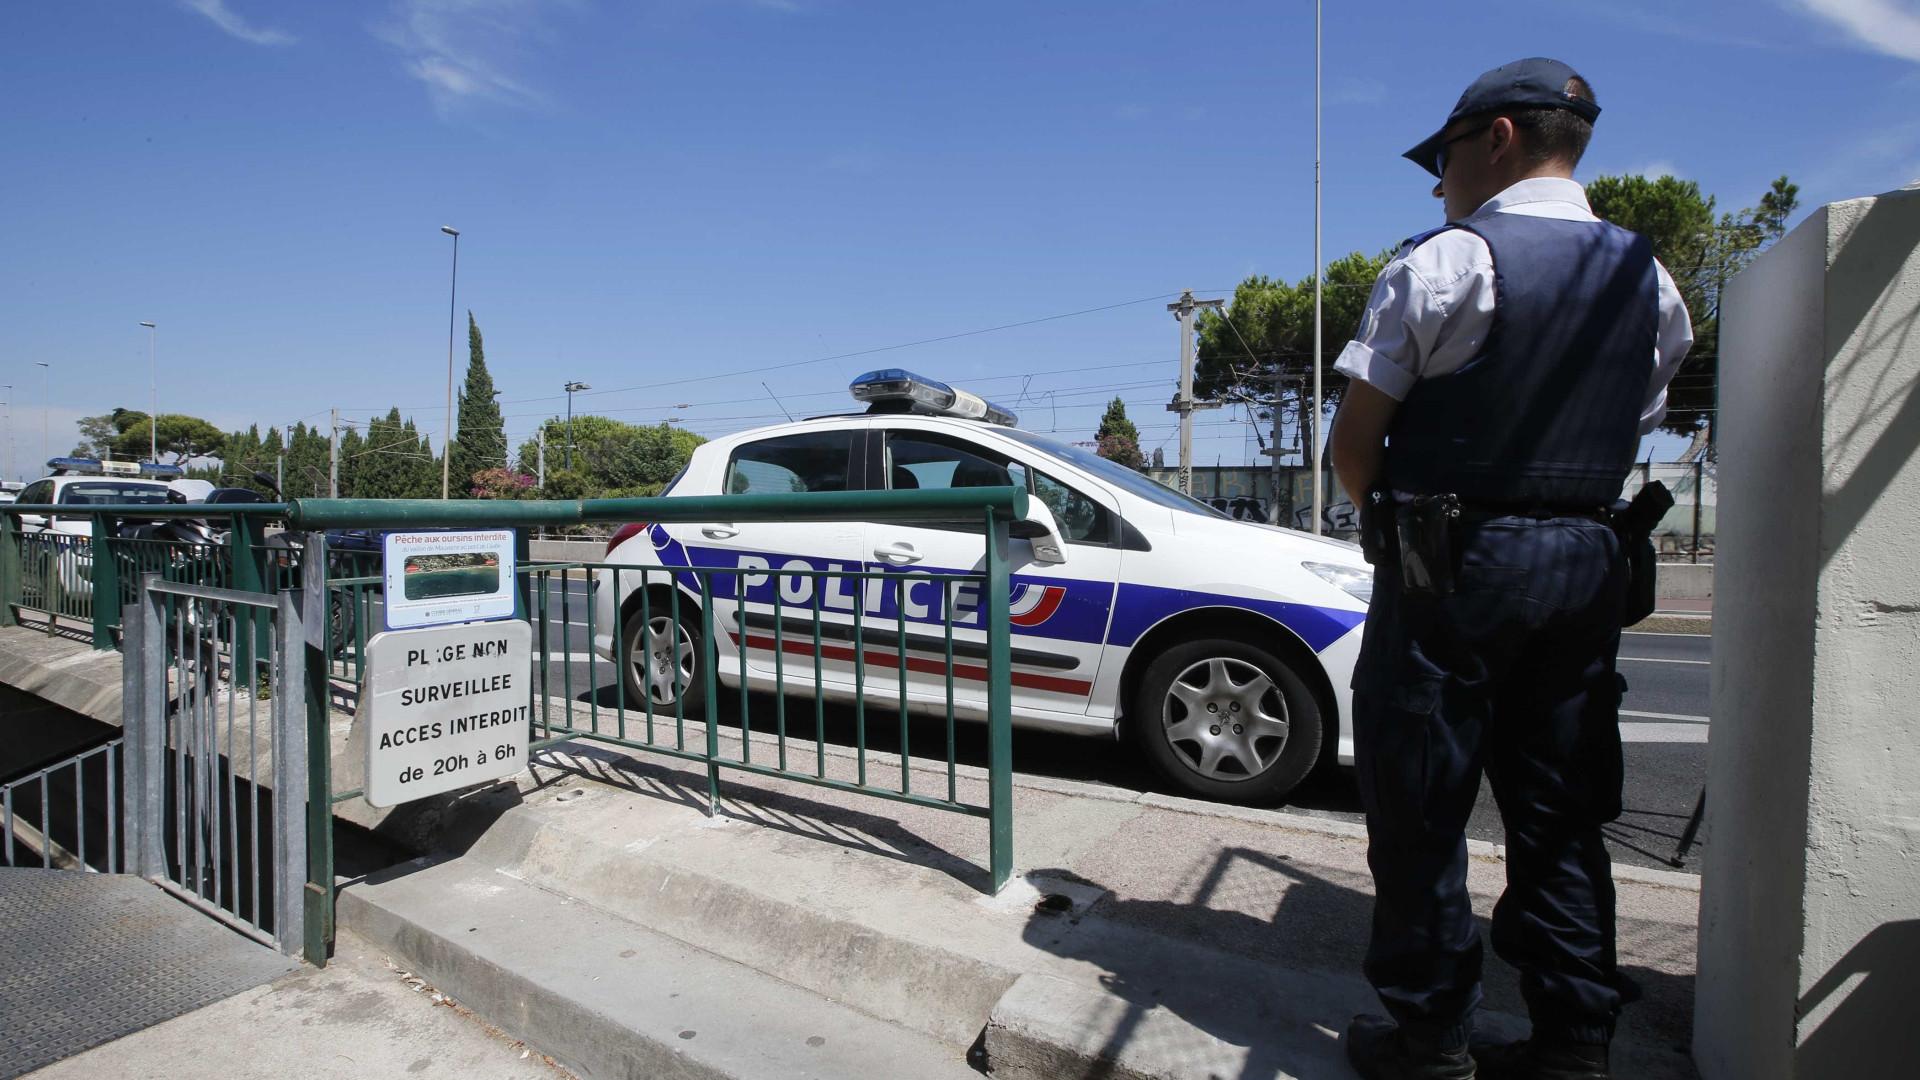 Objeto suspeito lança alerta em escola no sul de França